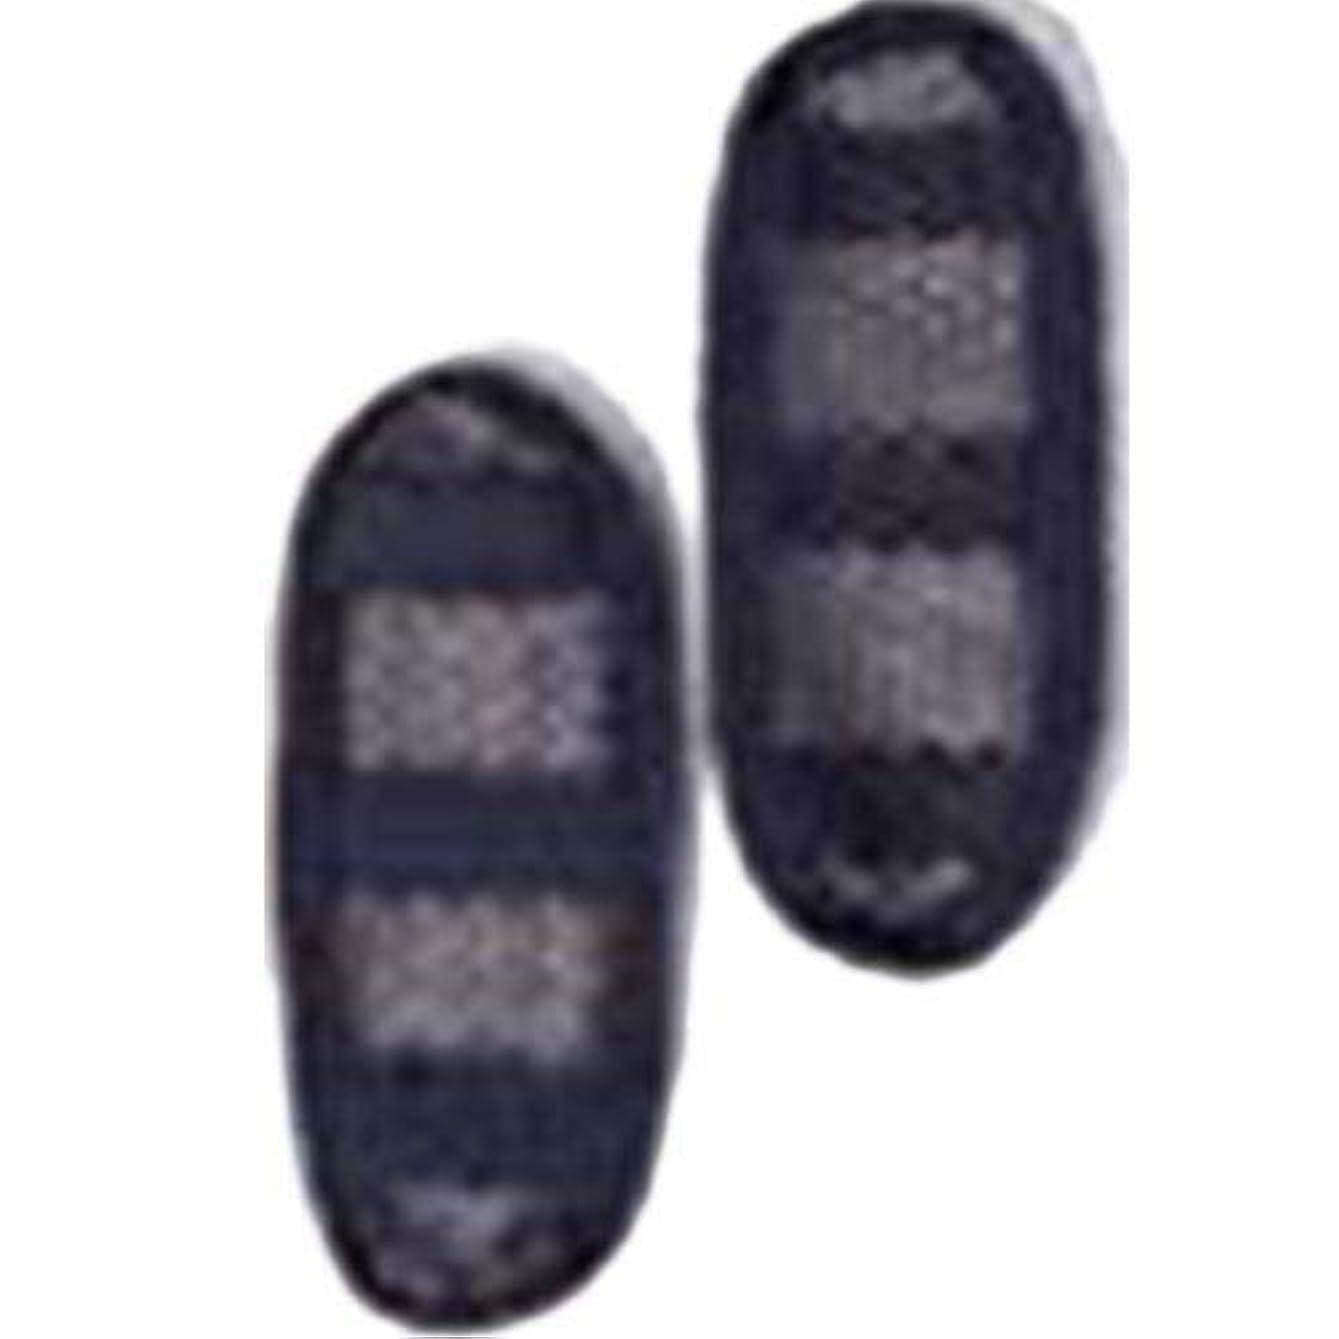 アライテント ハニカムメッシュ製ショルダーパッドセット(2個1組) 201500